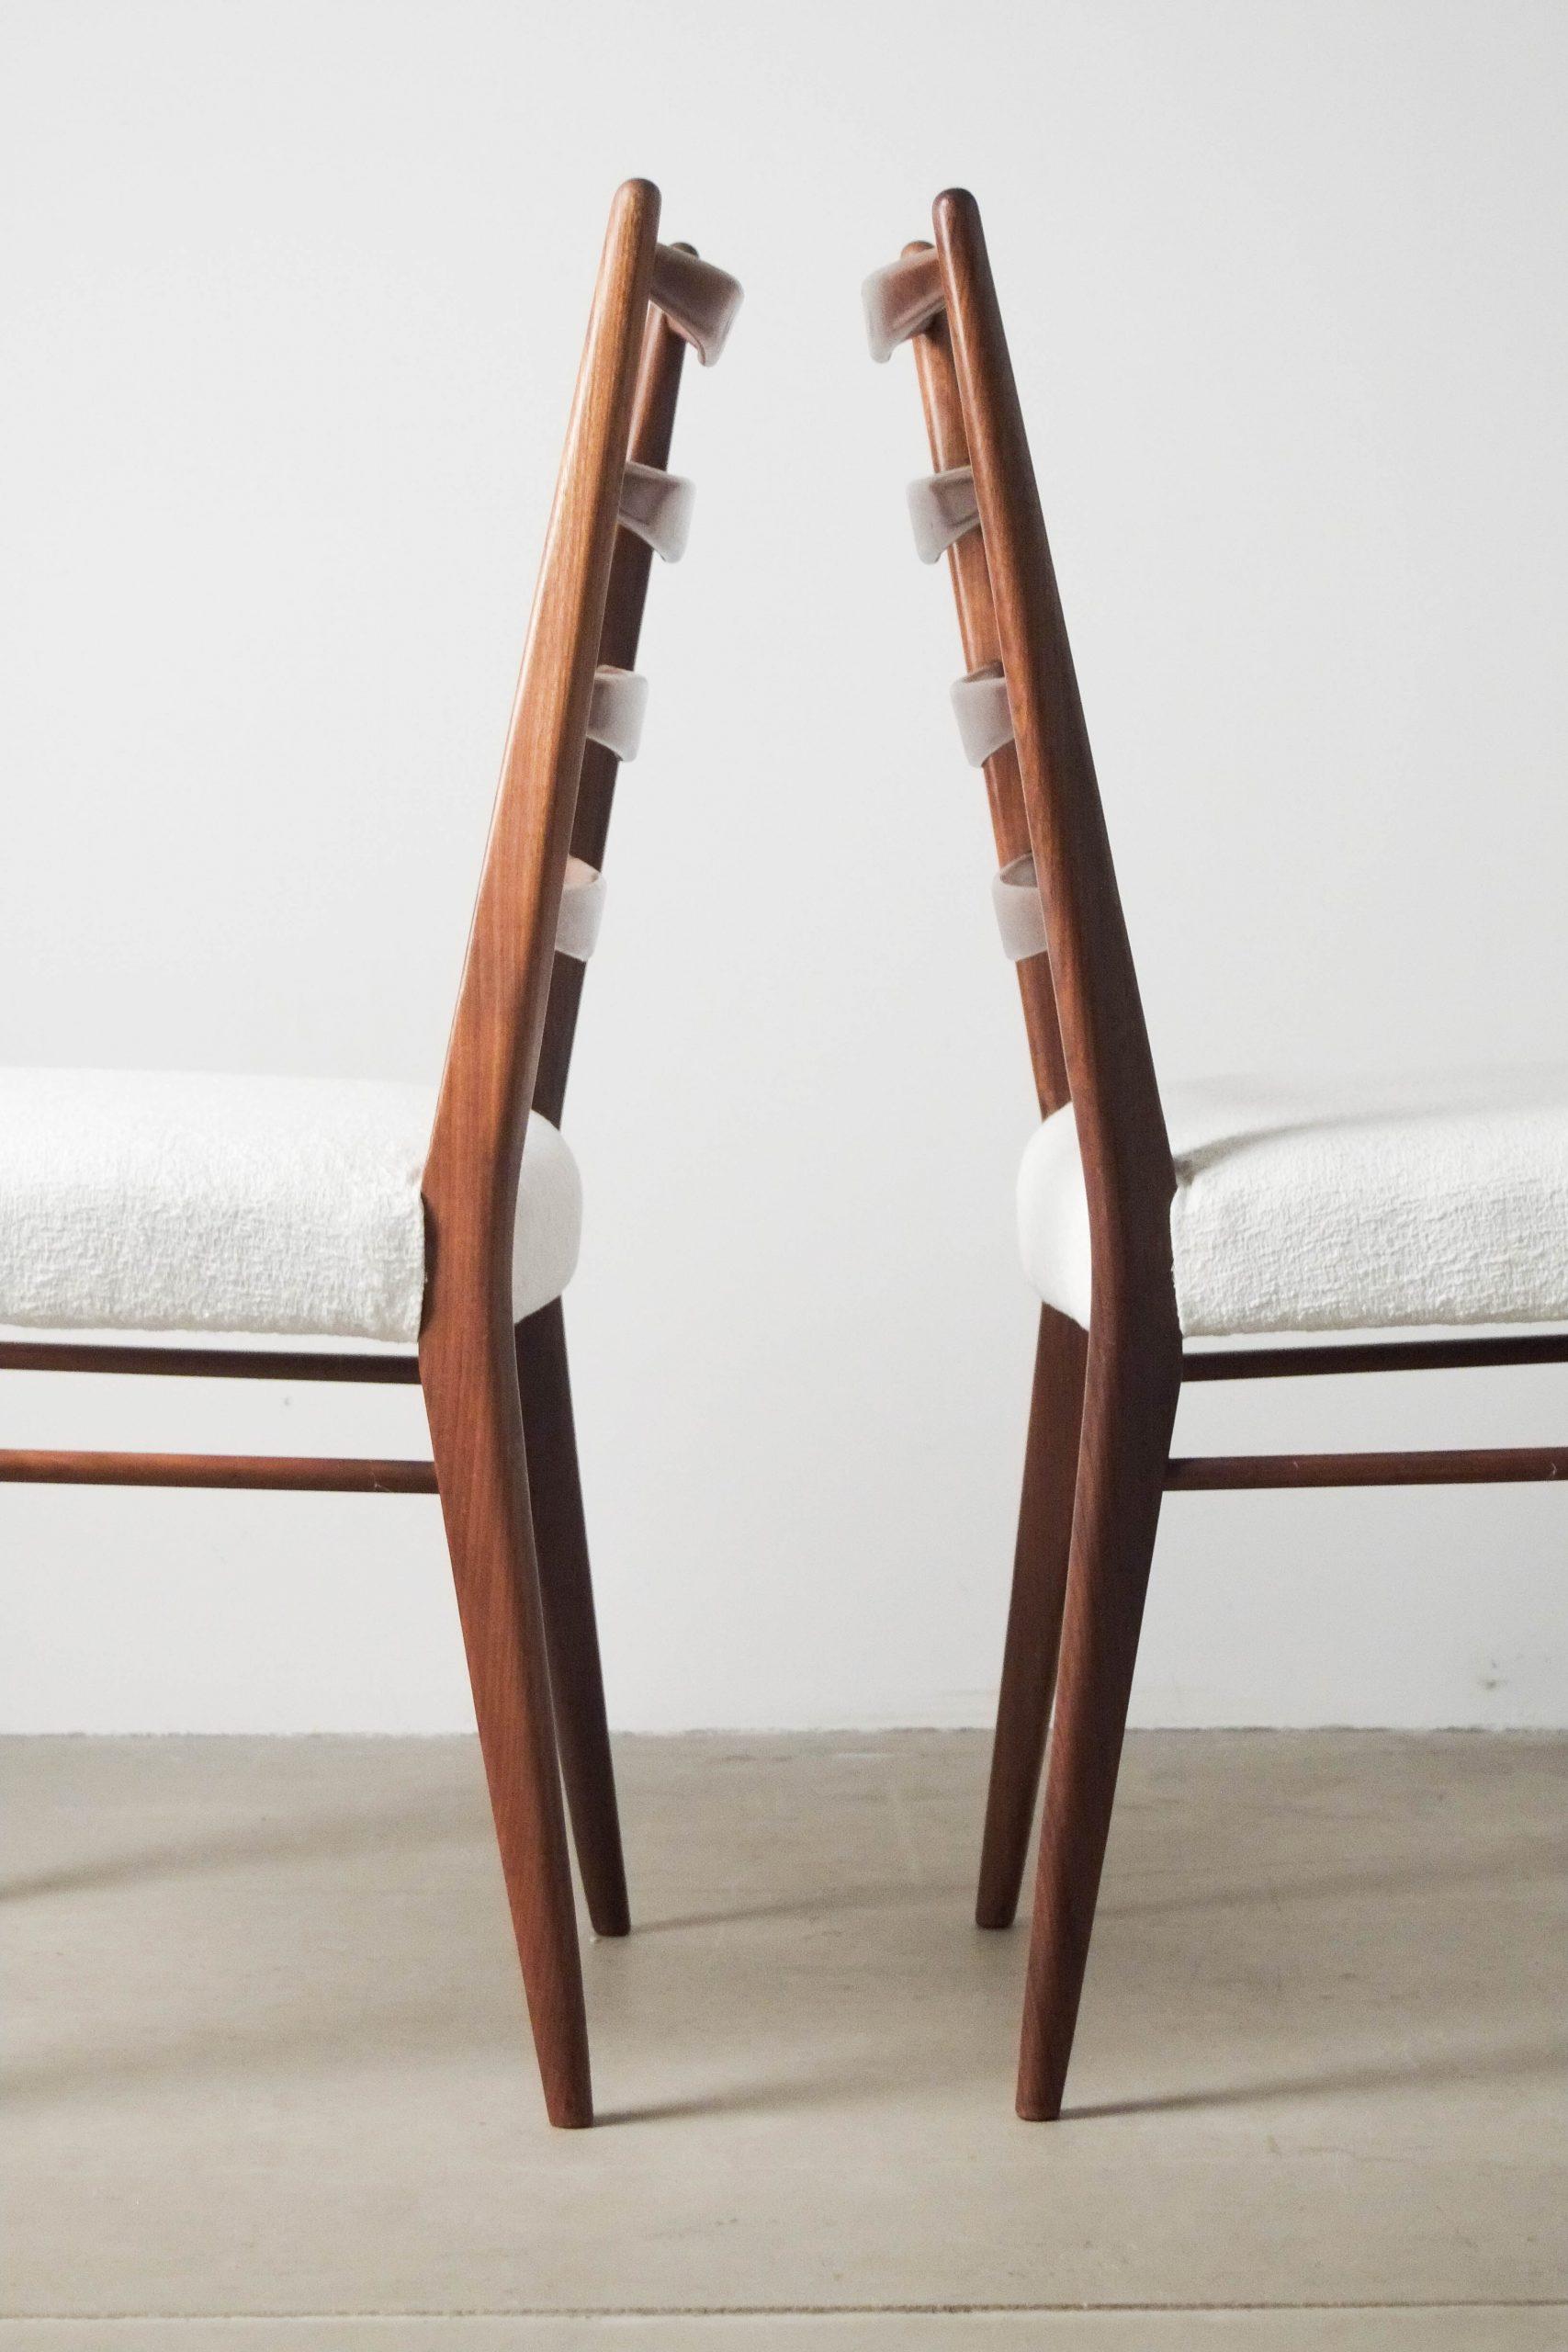 silla cees braakman de madera maciza de palosanto de diseño comedor cocina tapizada tela